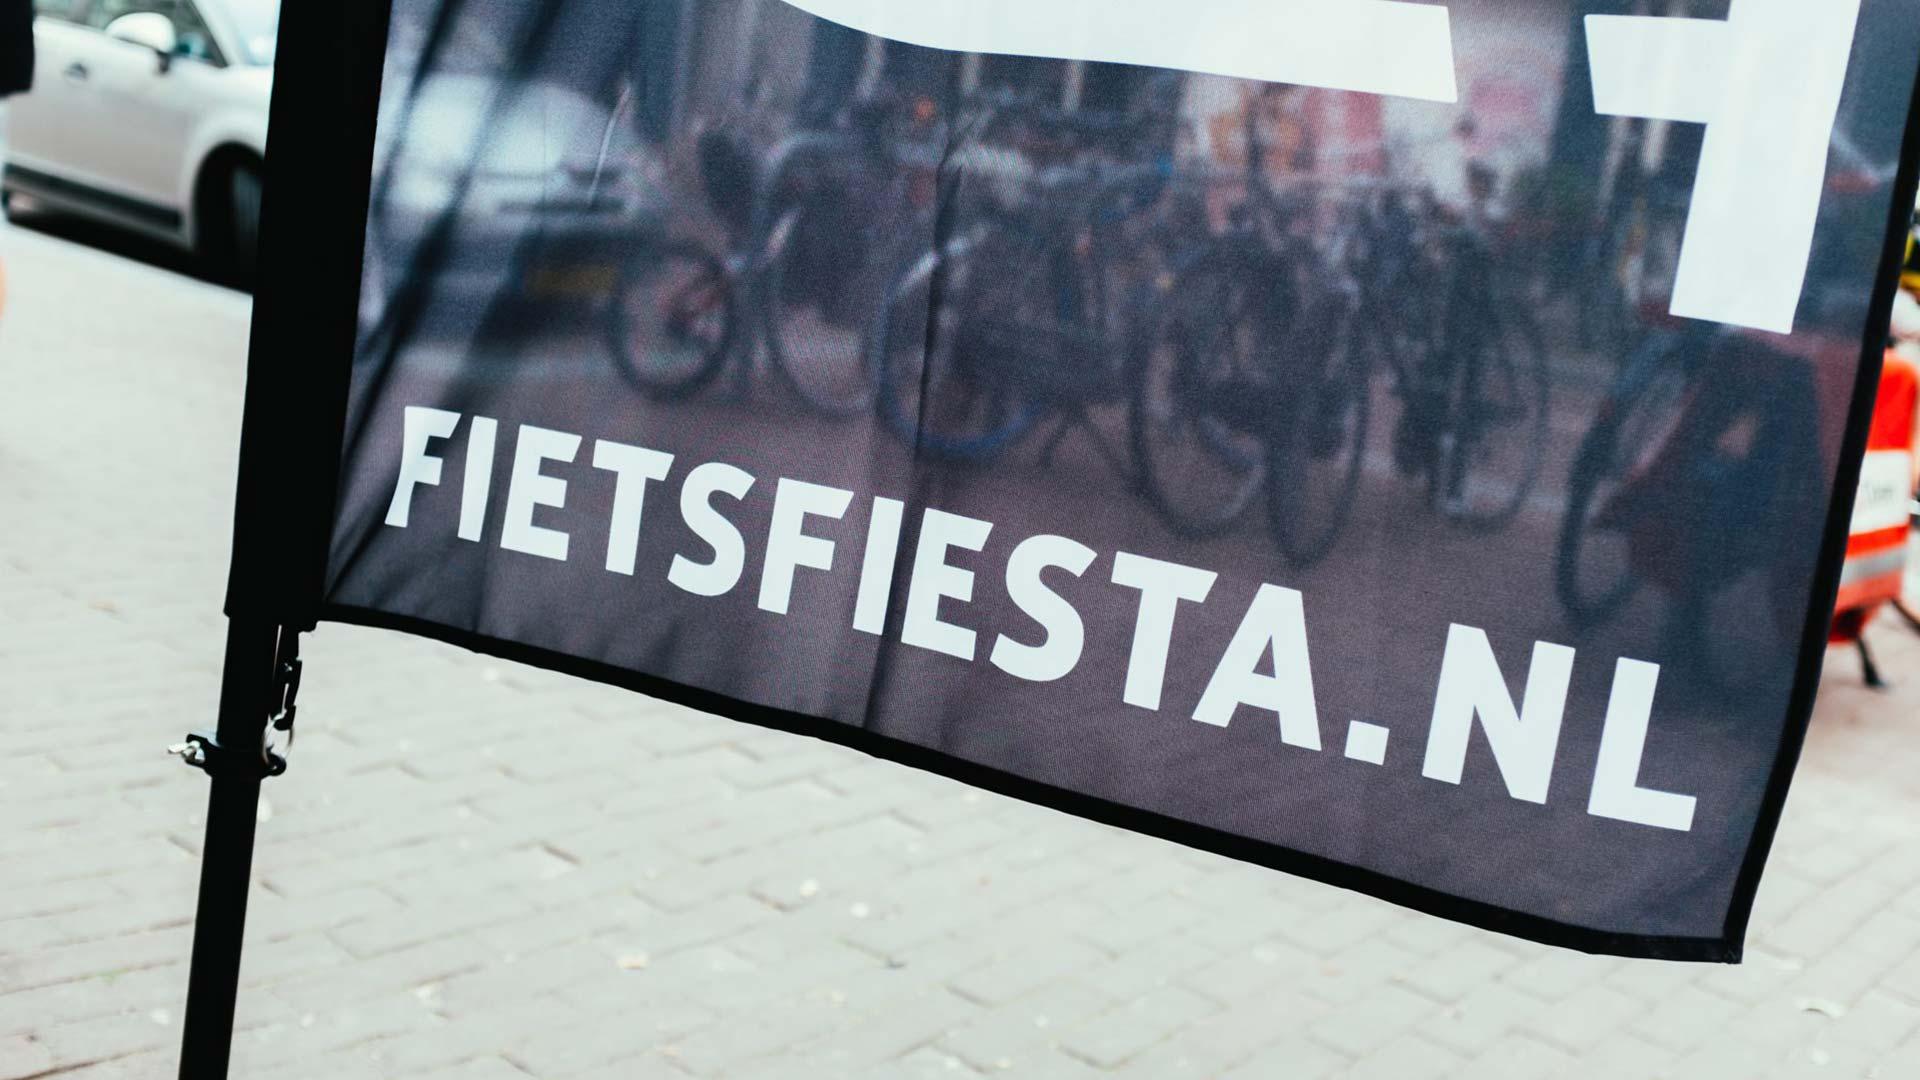 FietsFiesta: Tanja Steenhorst vertelt over het nieuwe fietsfestival in Breda